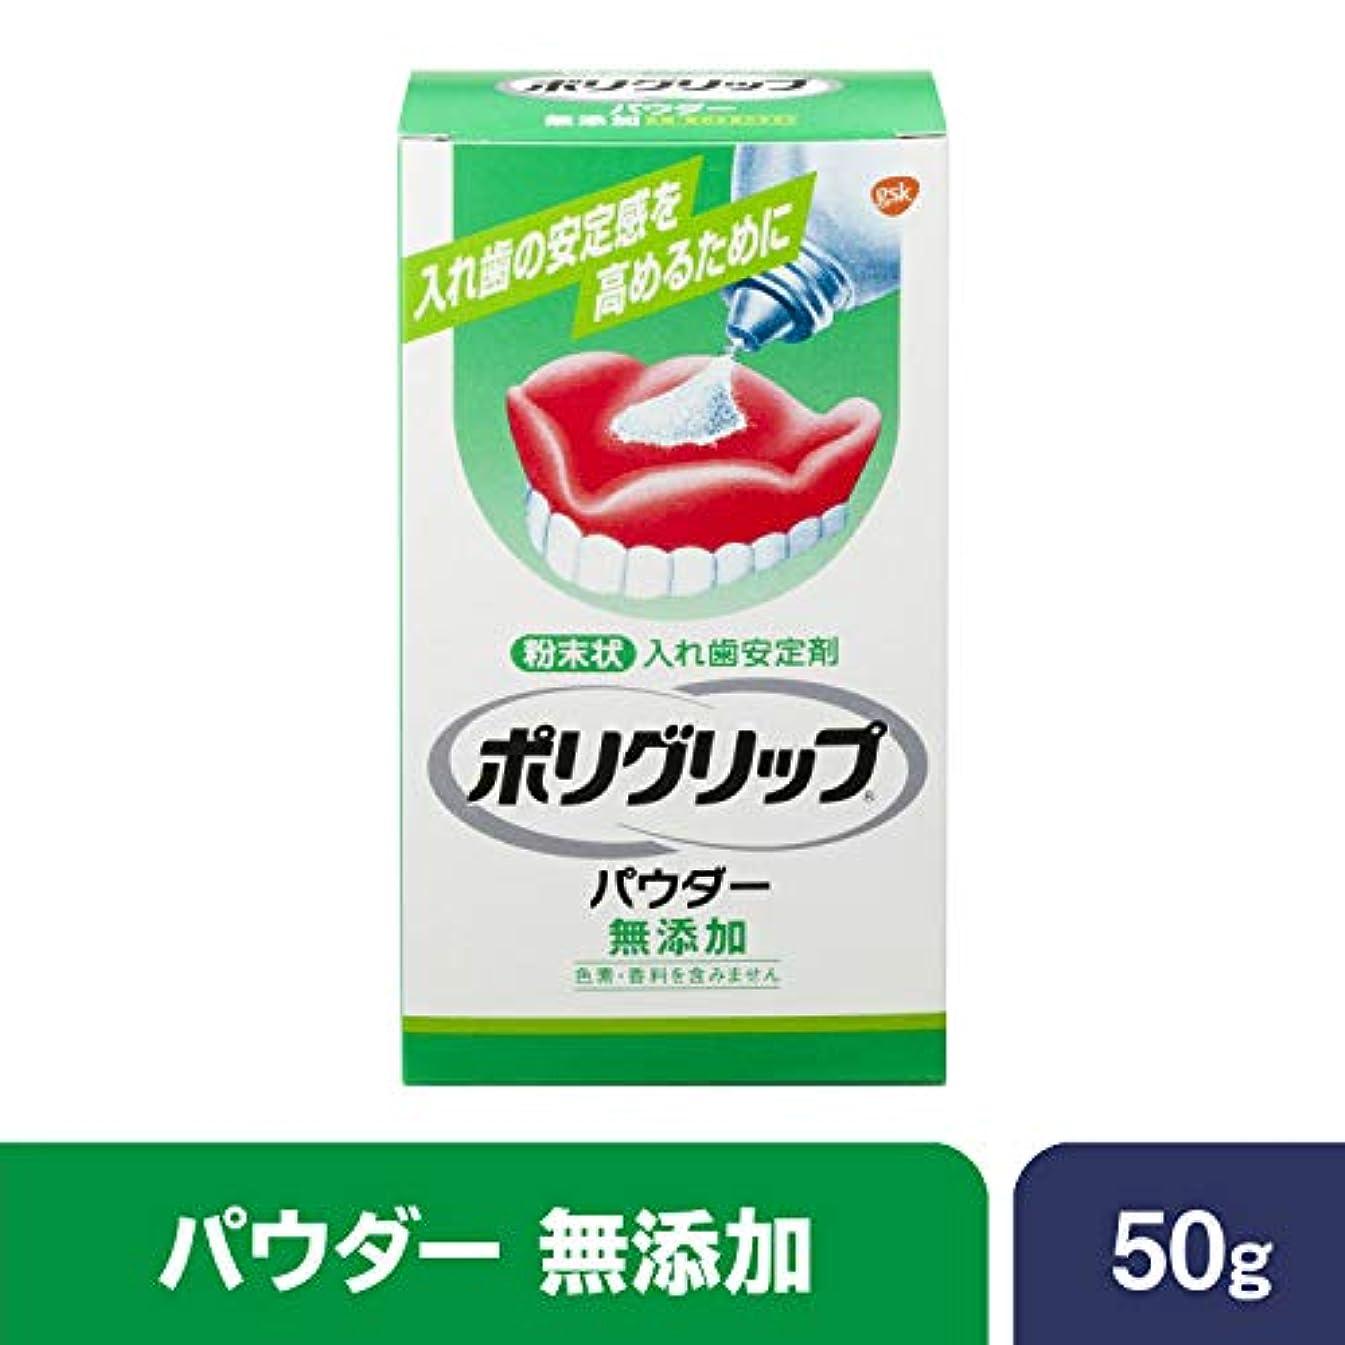 ガチョウ甘くする砂利入れ歯安定剤 ポリグリップ パウダー無添加 50g